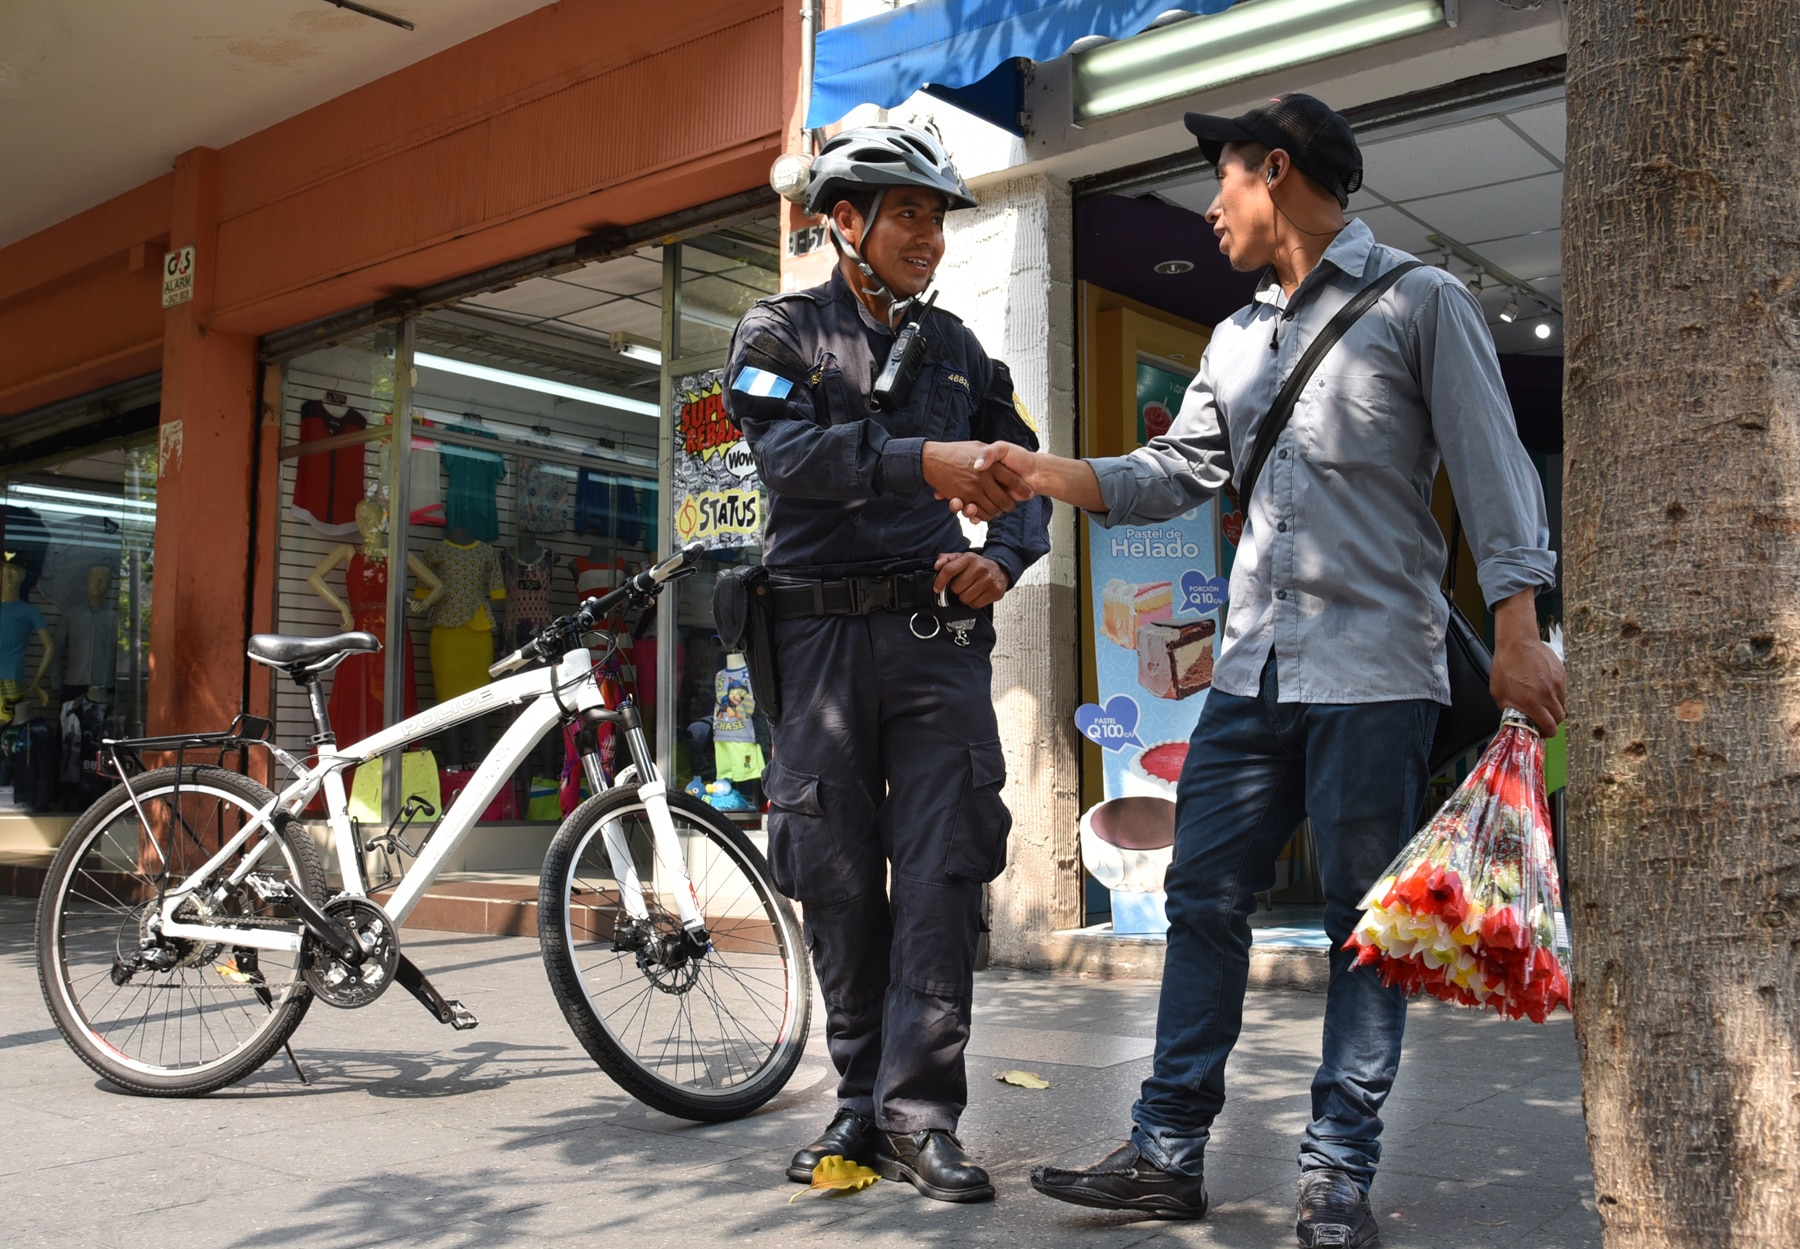 Policial ao lado de bicicleta aperta a mão de homem (Embaixada dos EUA na Guatemala)